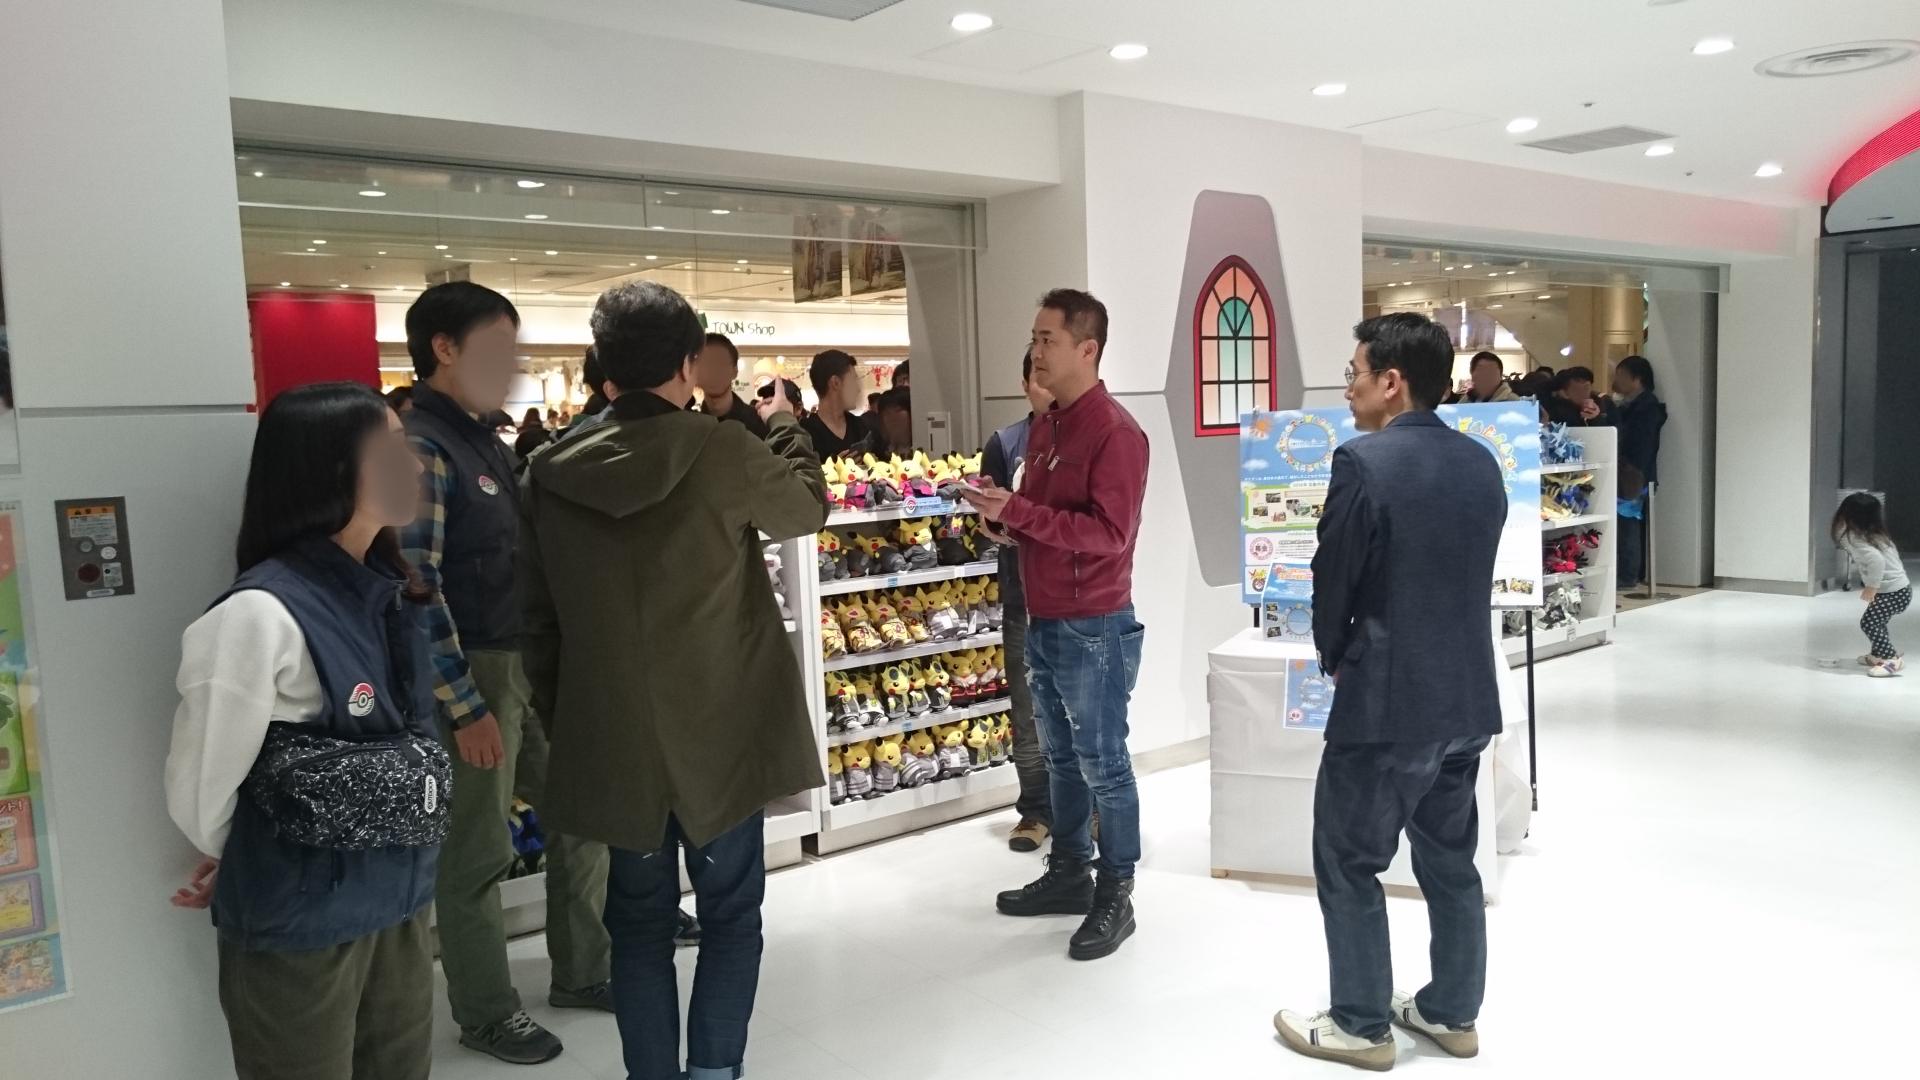 ポケモンセンターメガトウキョー スタッフボイス